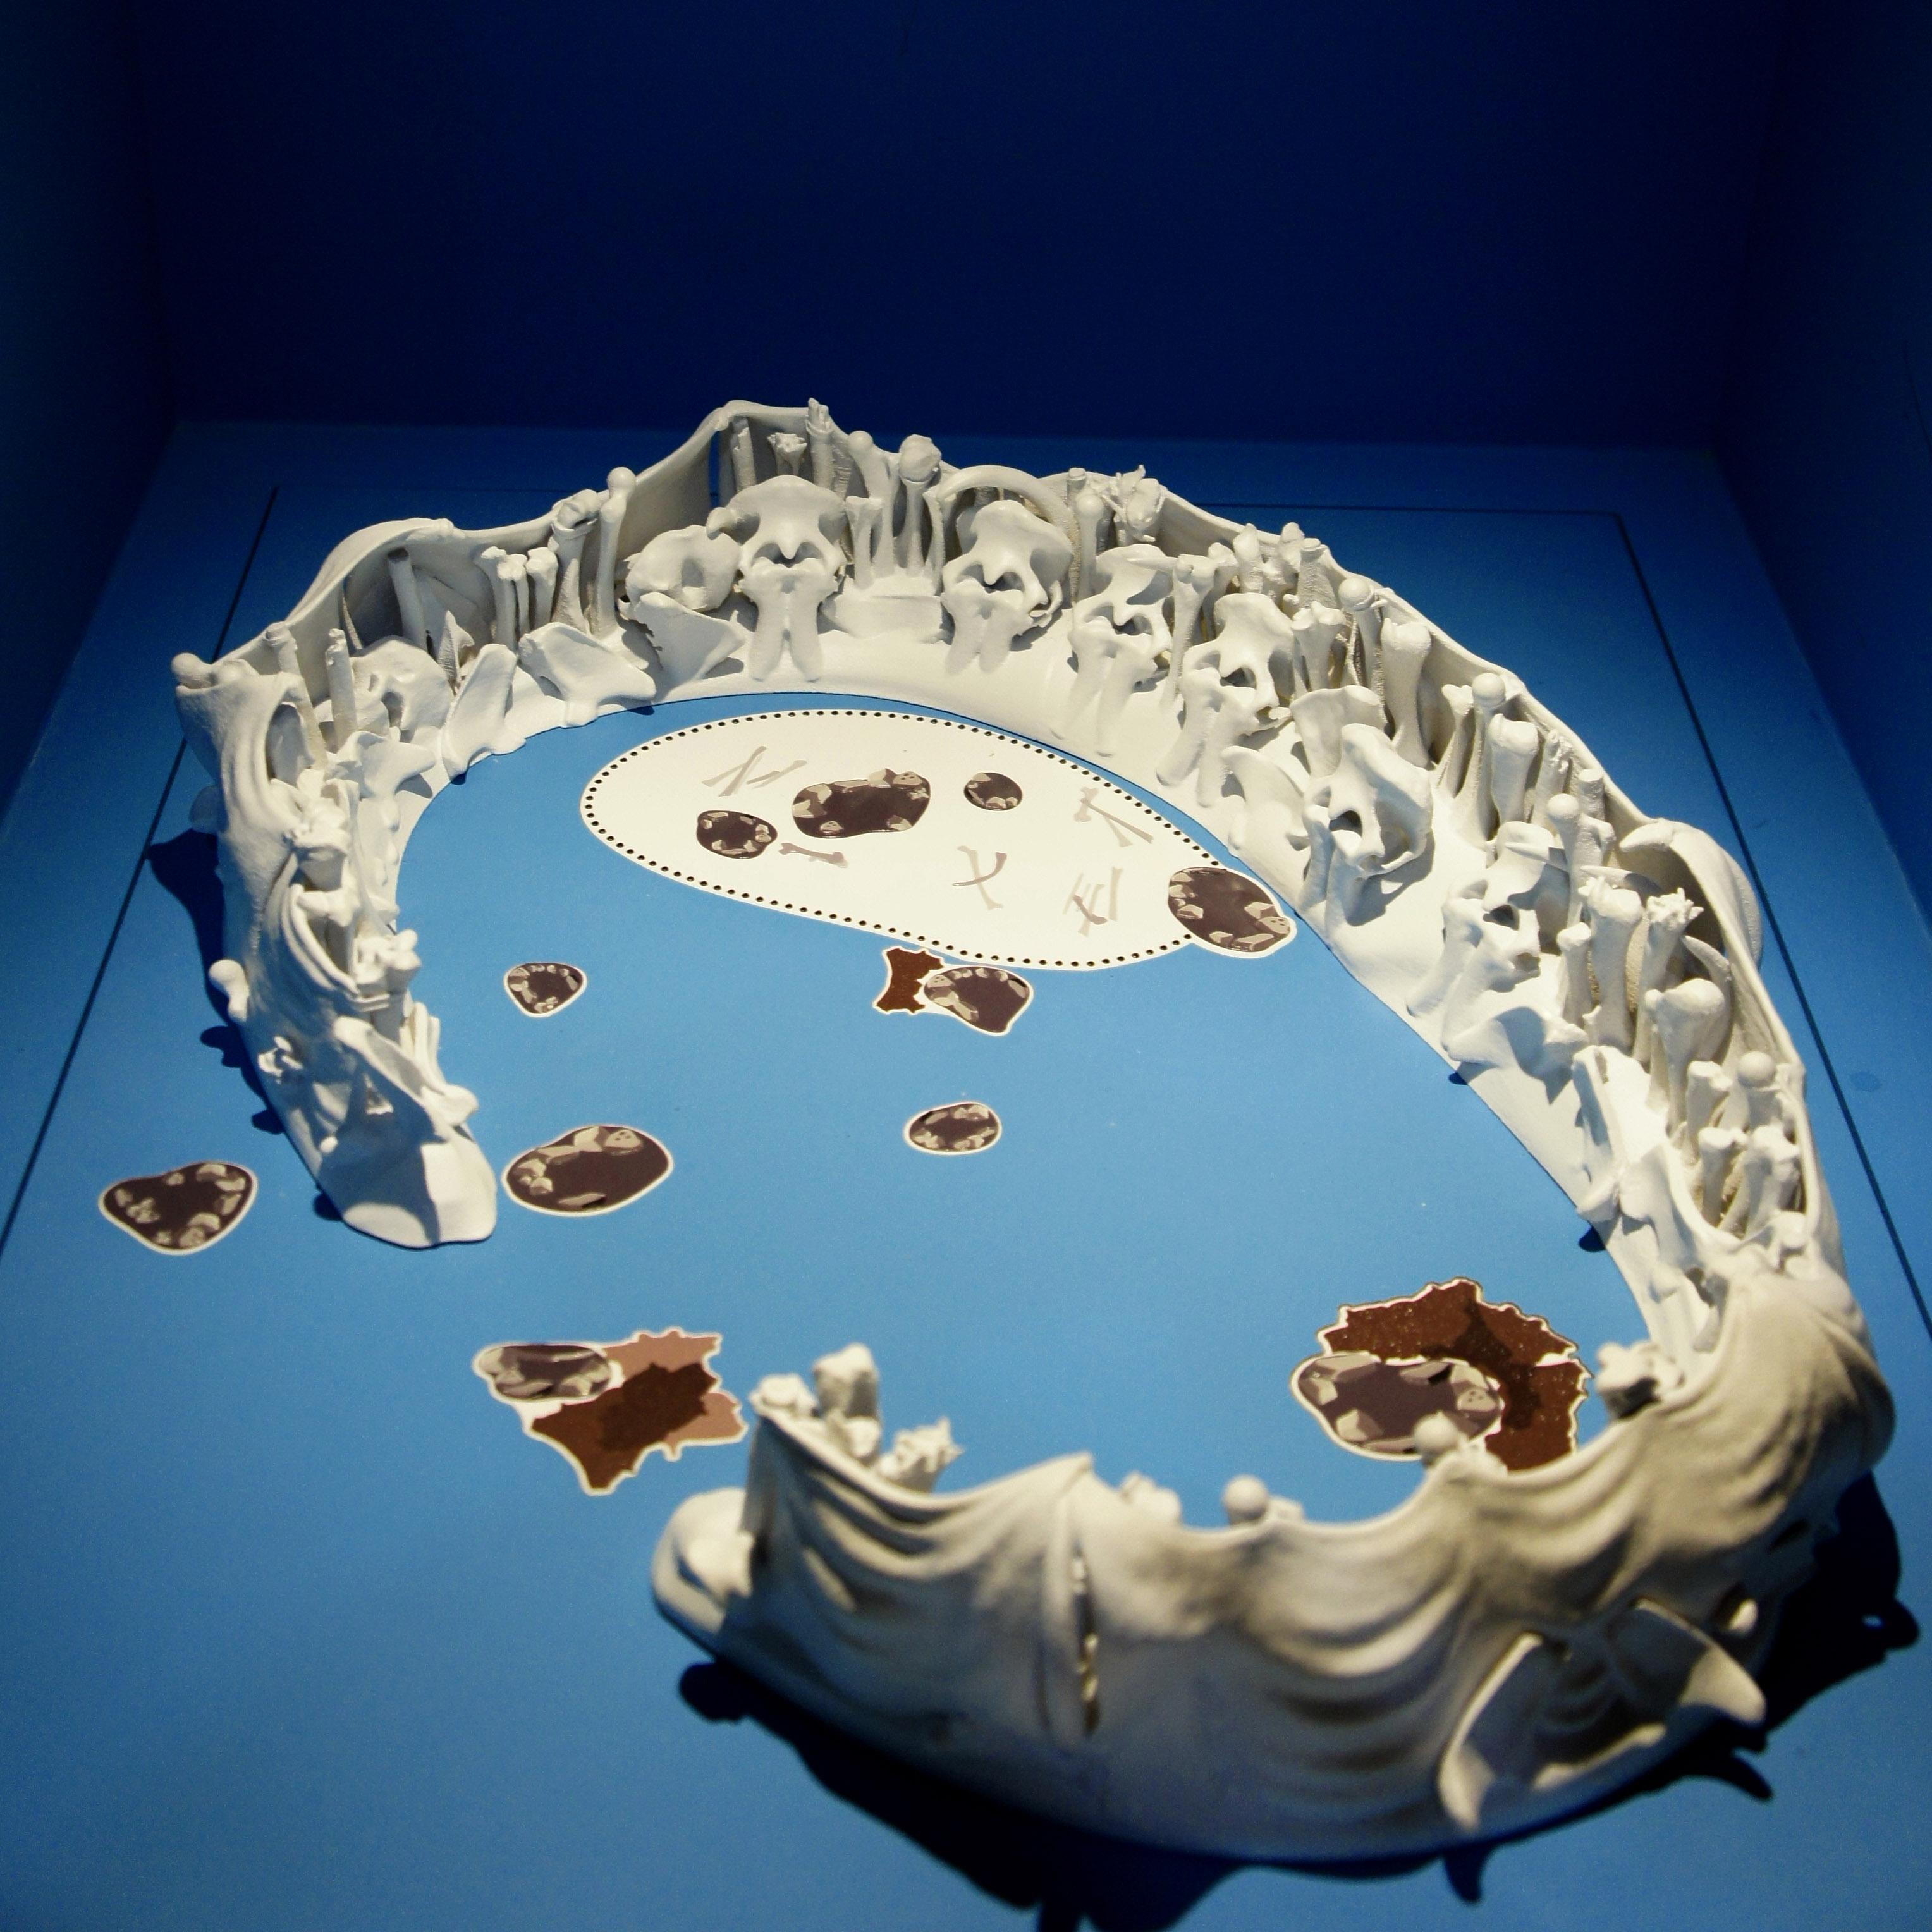 Maquette tactile accessible de l'abri Molodova, Exposition Neandertal au Musée de l'Homme